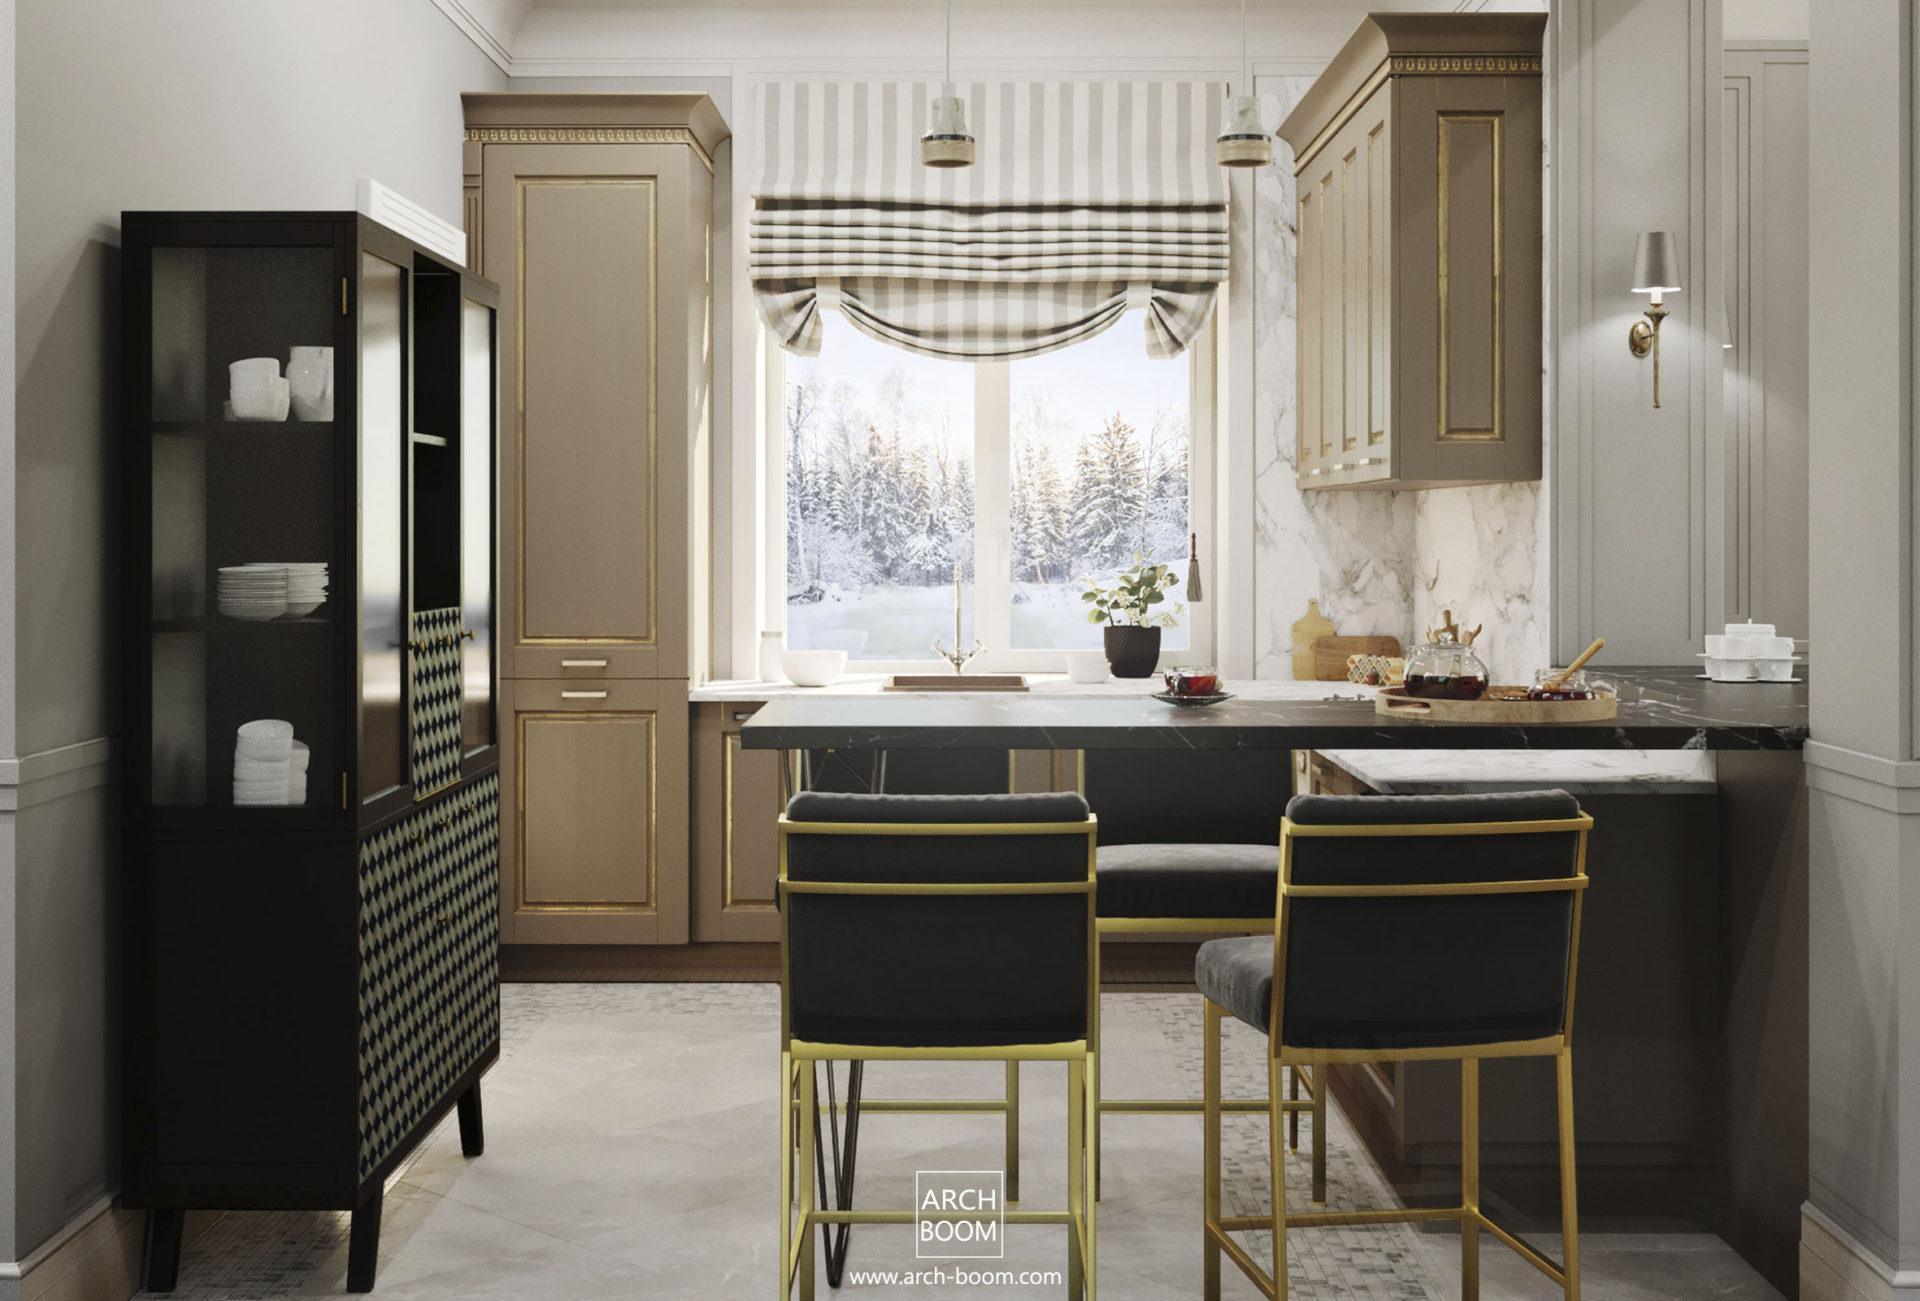 czarne dodatki wintażowe w kuchni